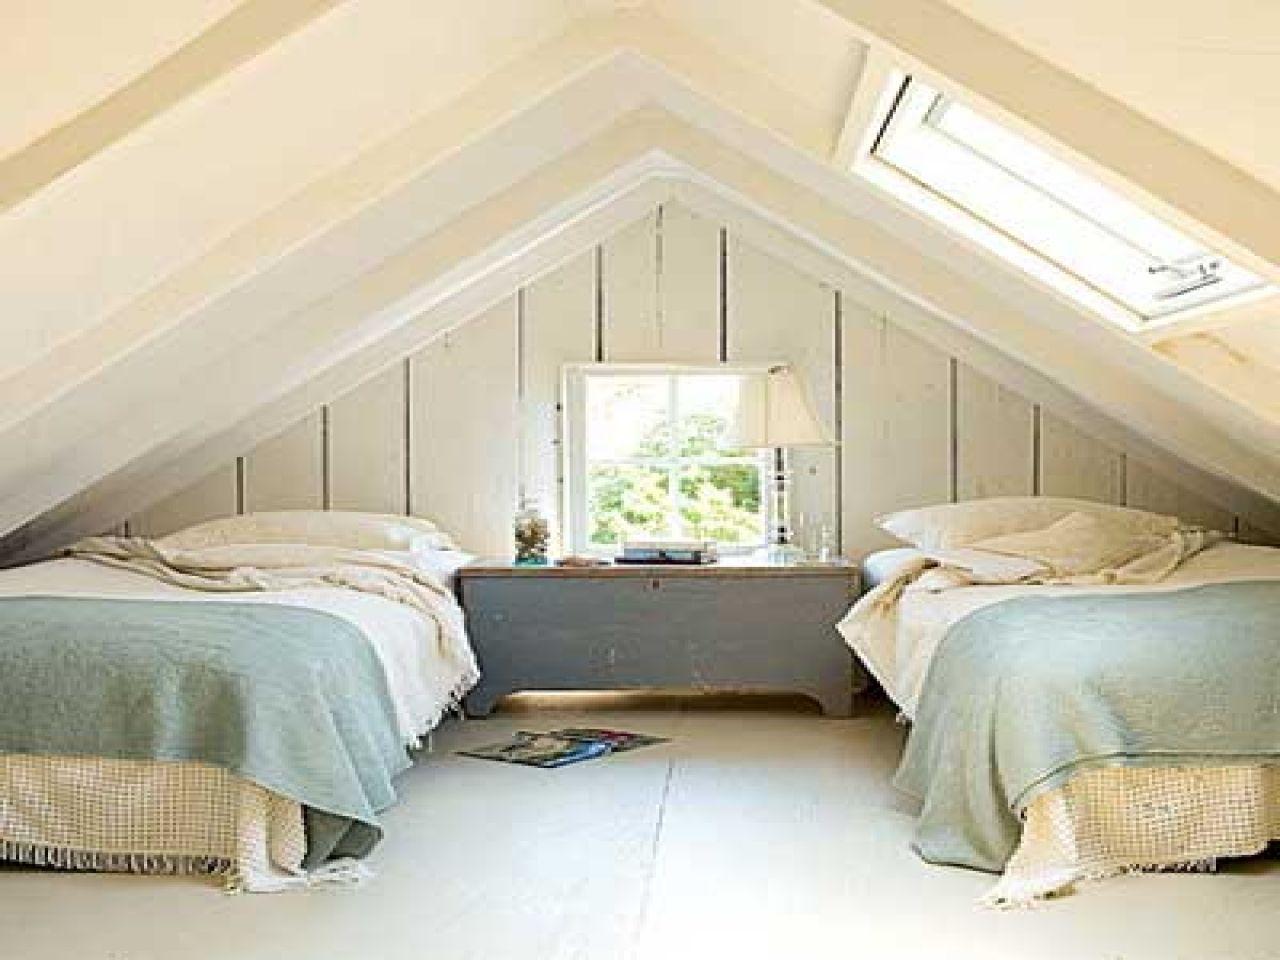 dachgeschoss schlafzimmer design | dachgeschoss schlafzimmer